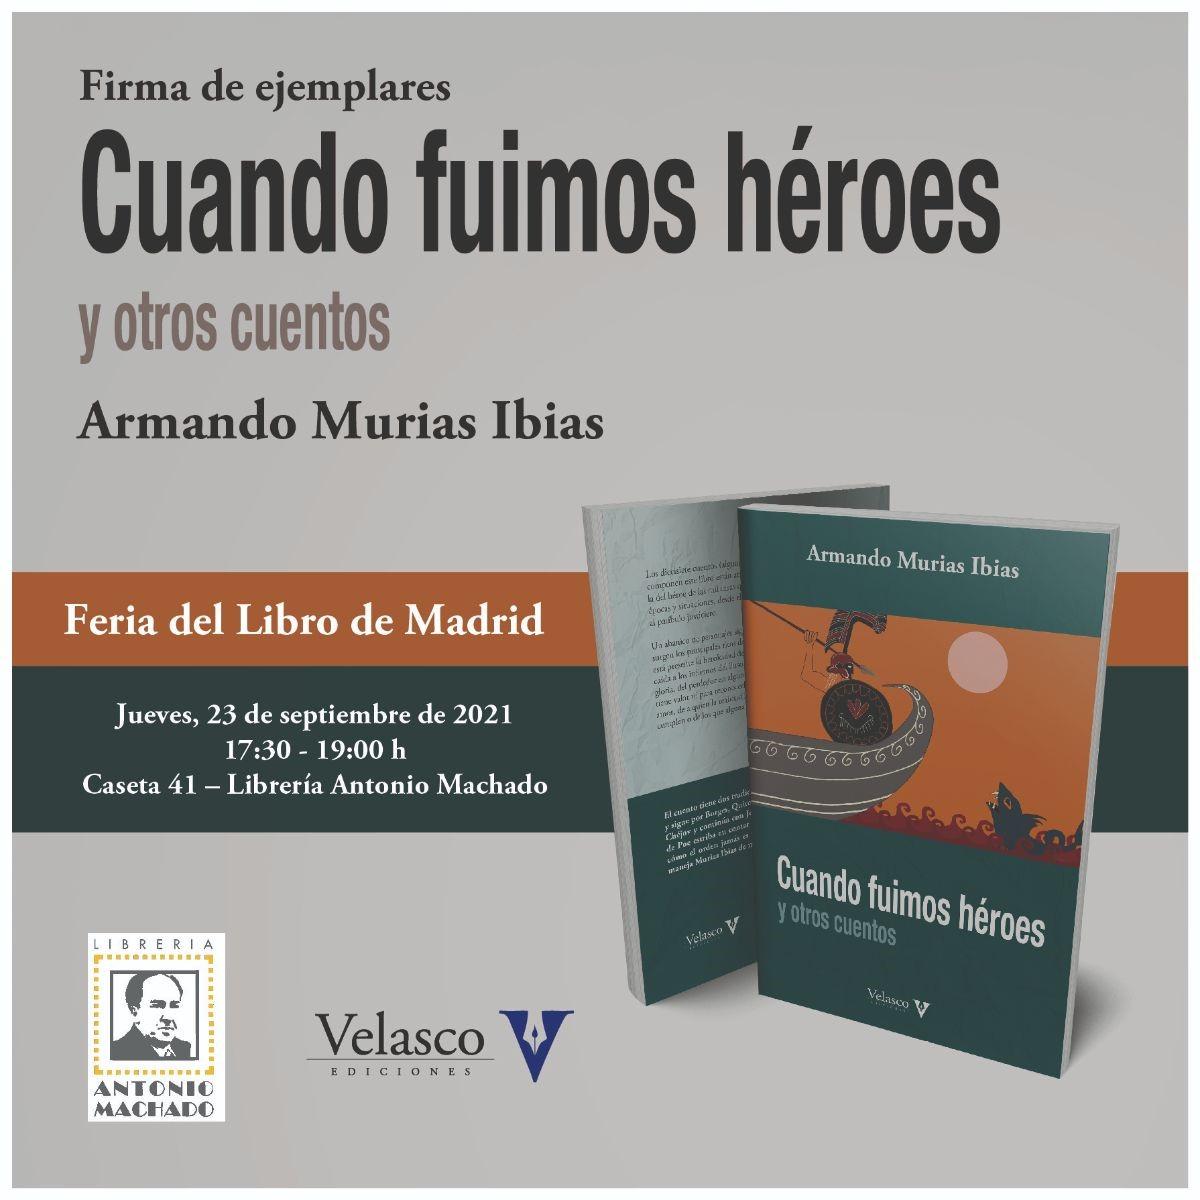 Armando Murias Ibias firmará en la 80ª edición de la Feria del Libro de Madrid